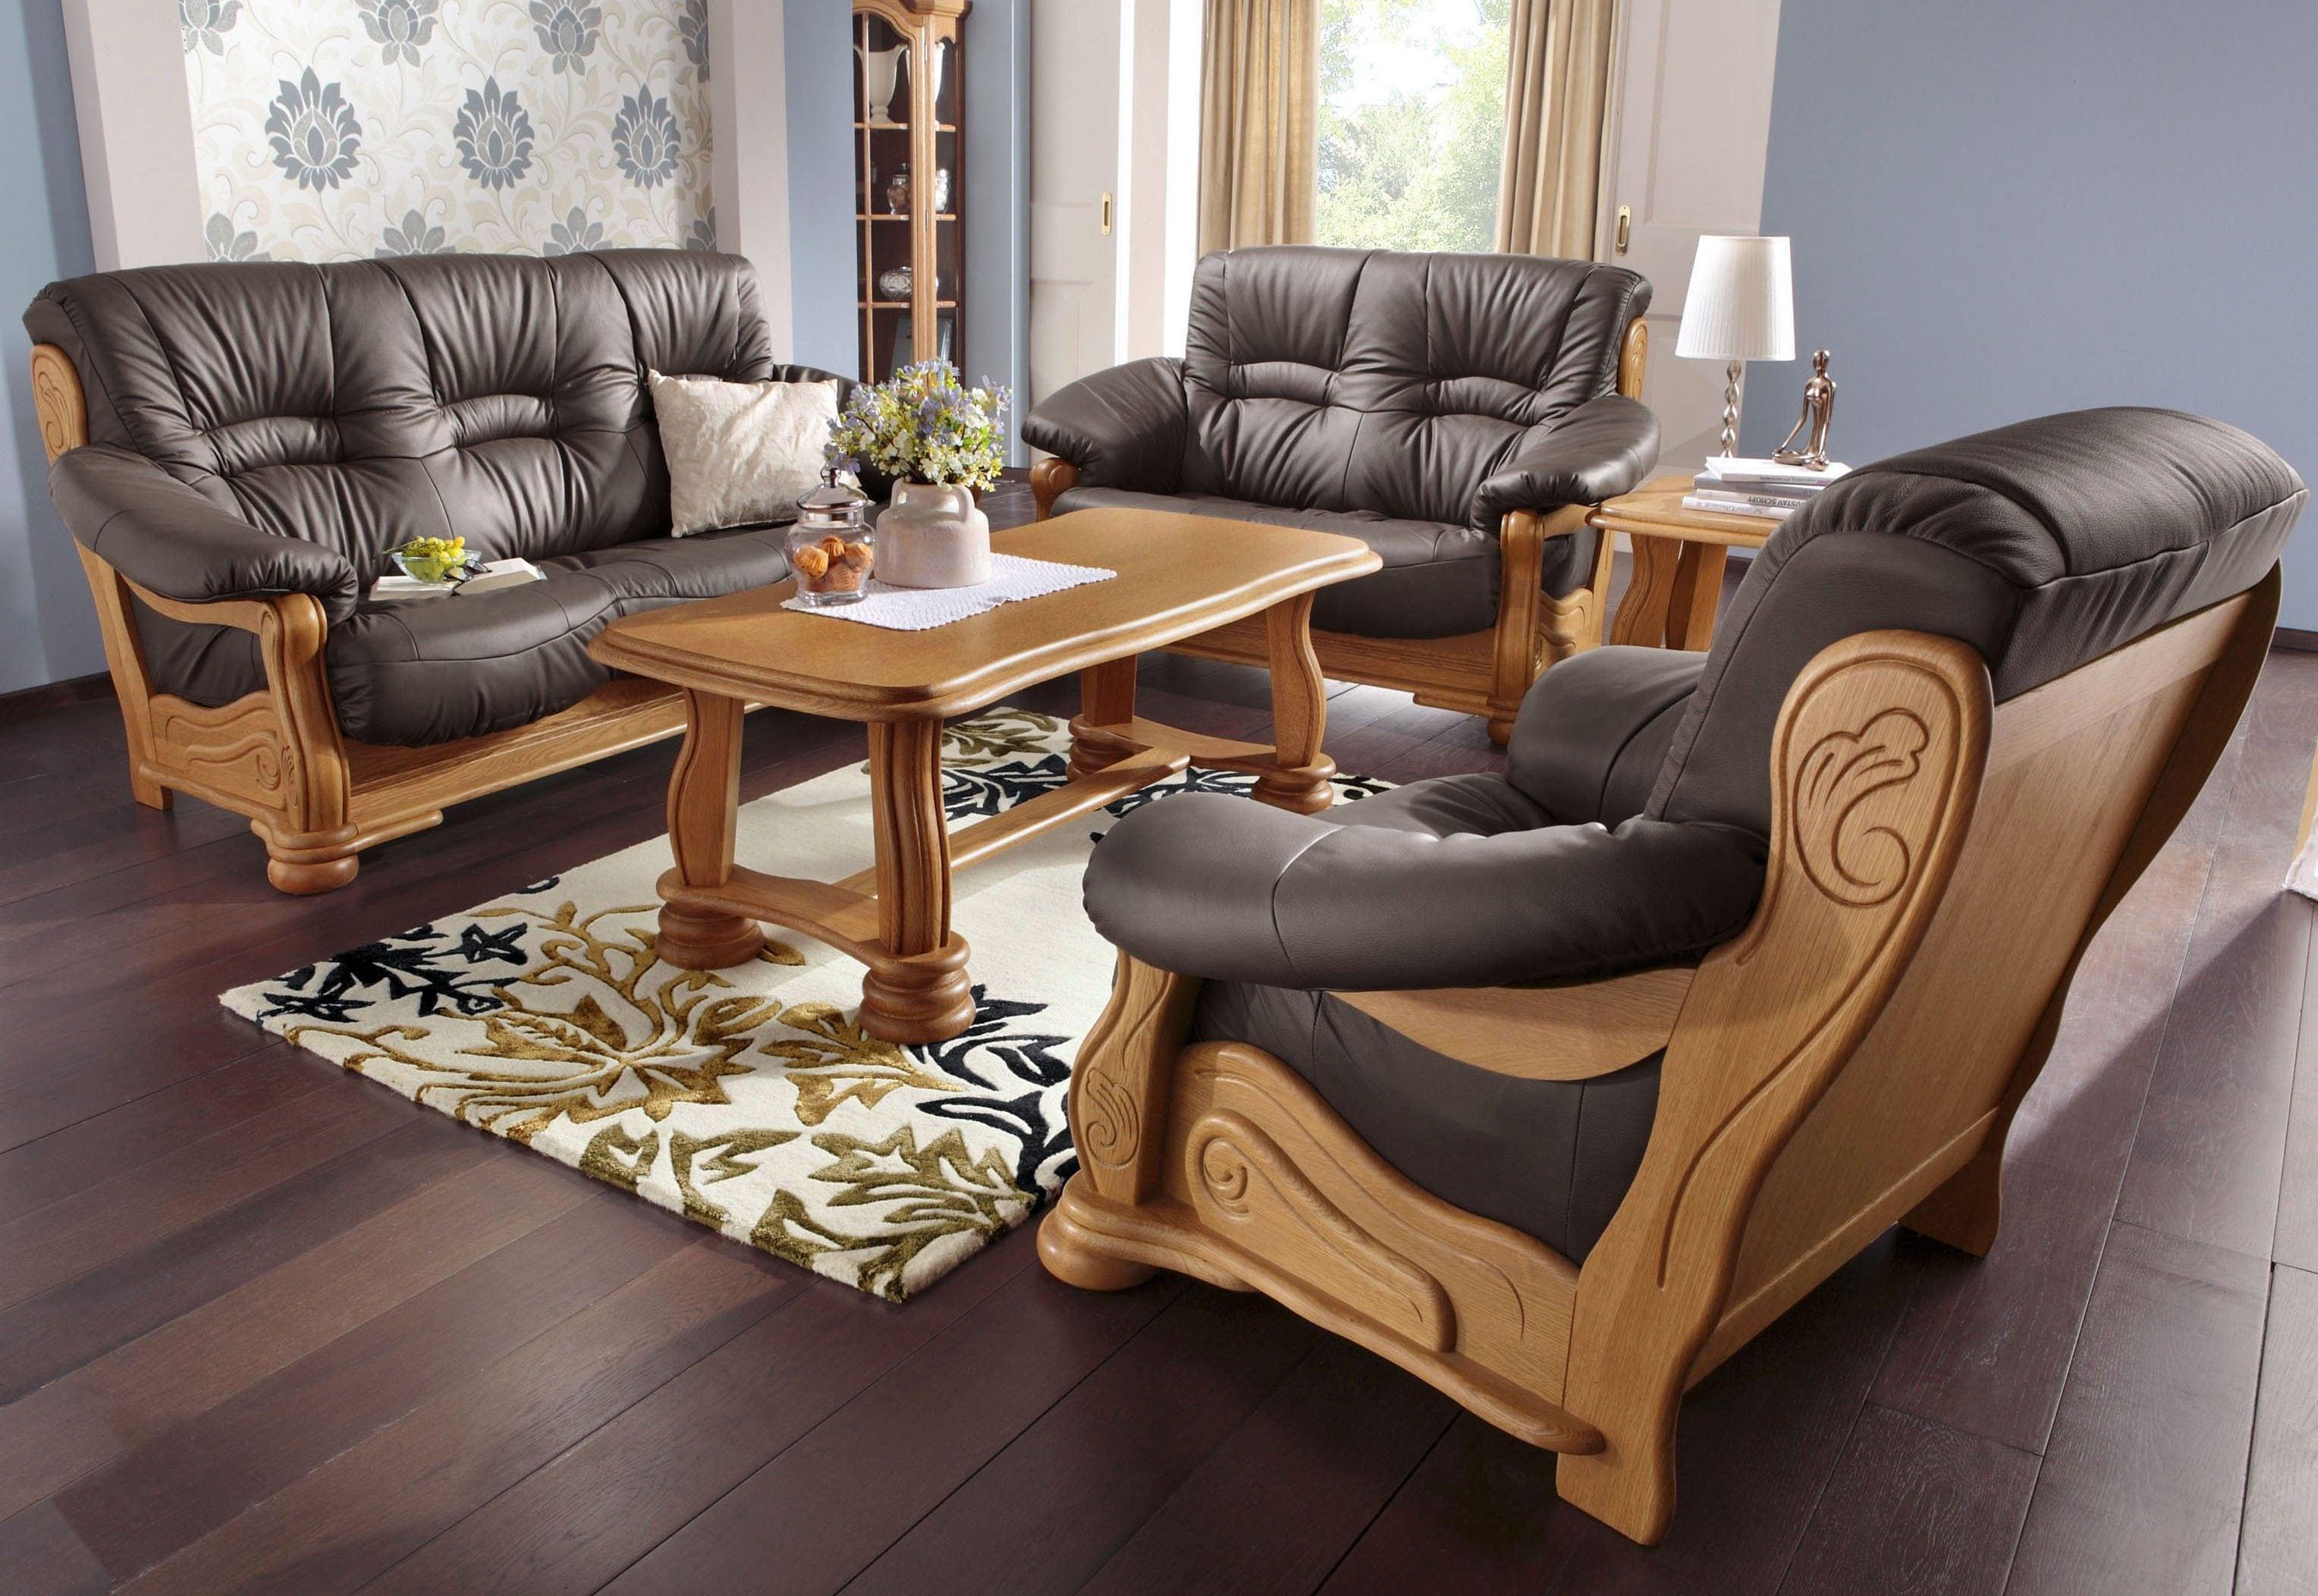 Max Winzer Polstergarnitur Texas, mit dekorativem Holzgestell, 2-tlg. günstig online kaufen